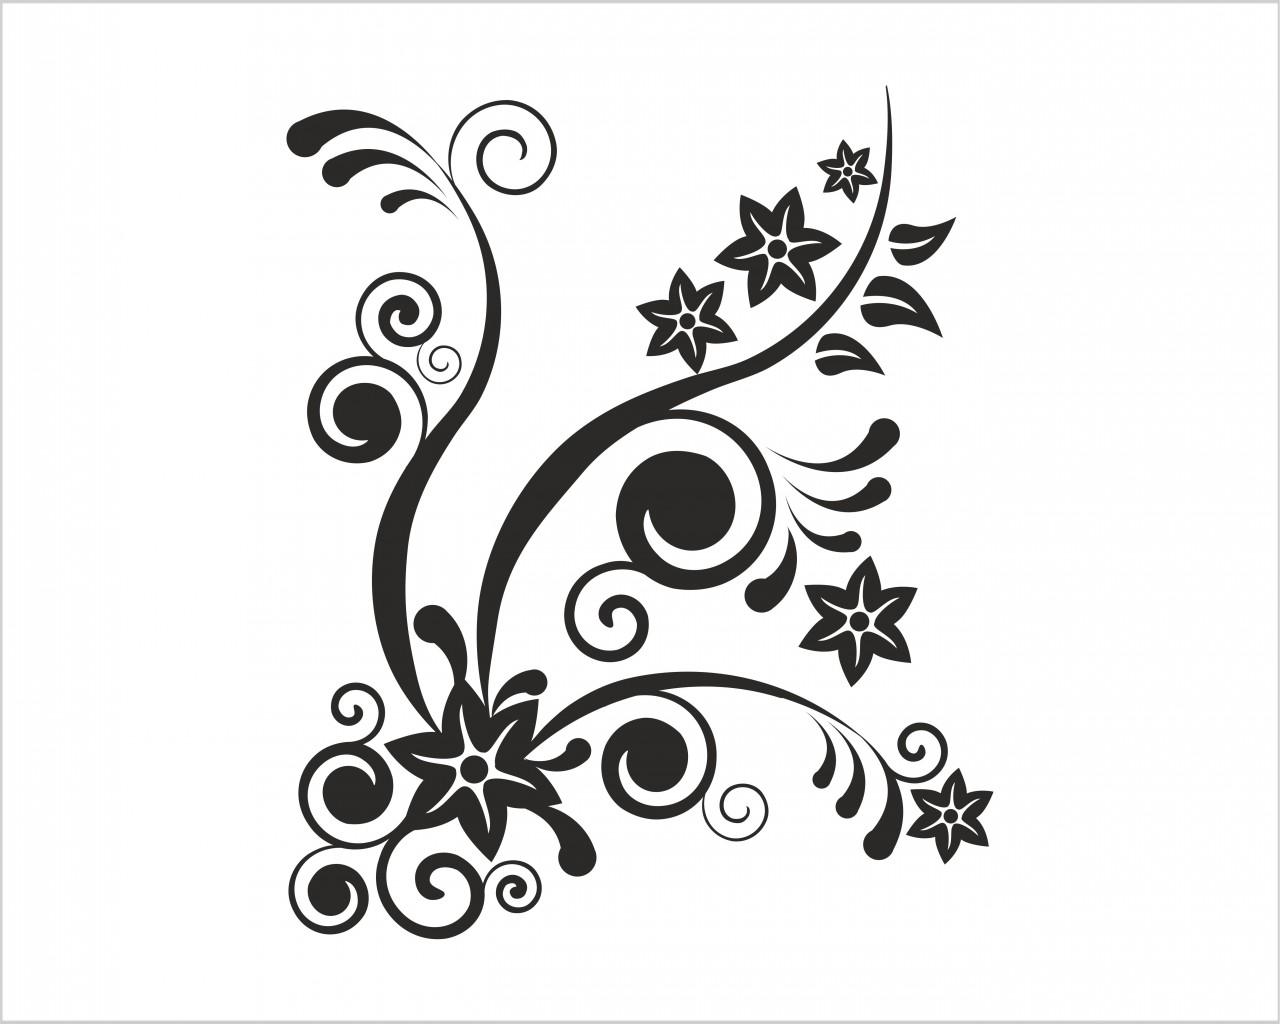 Delicate onde floreali decori adesivo murale interni decori adesivi murali wall - Decori adesivi per pareti ...